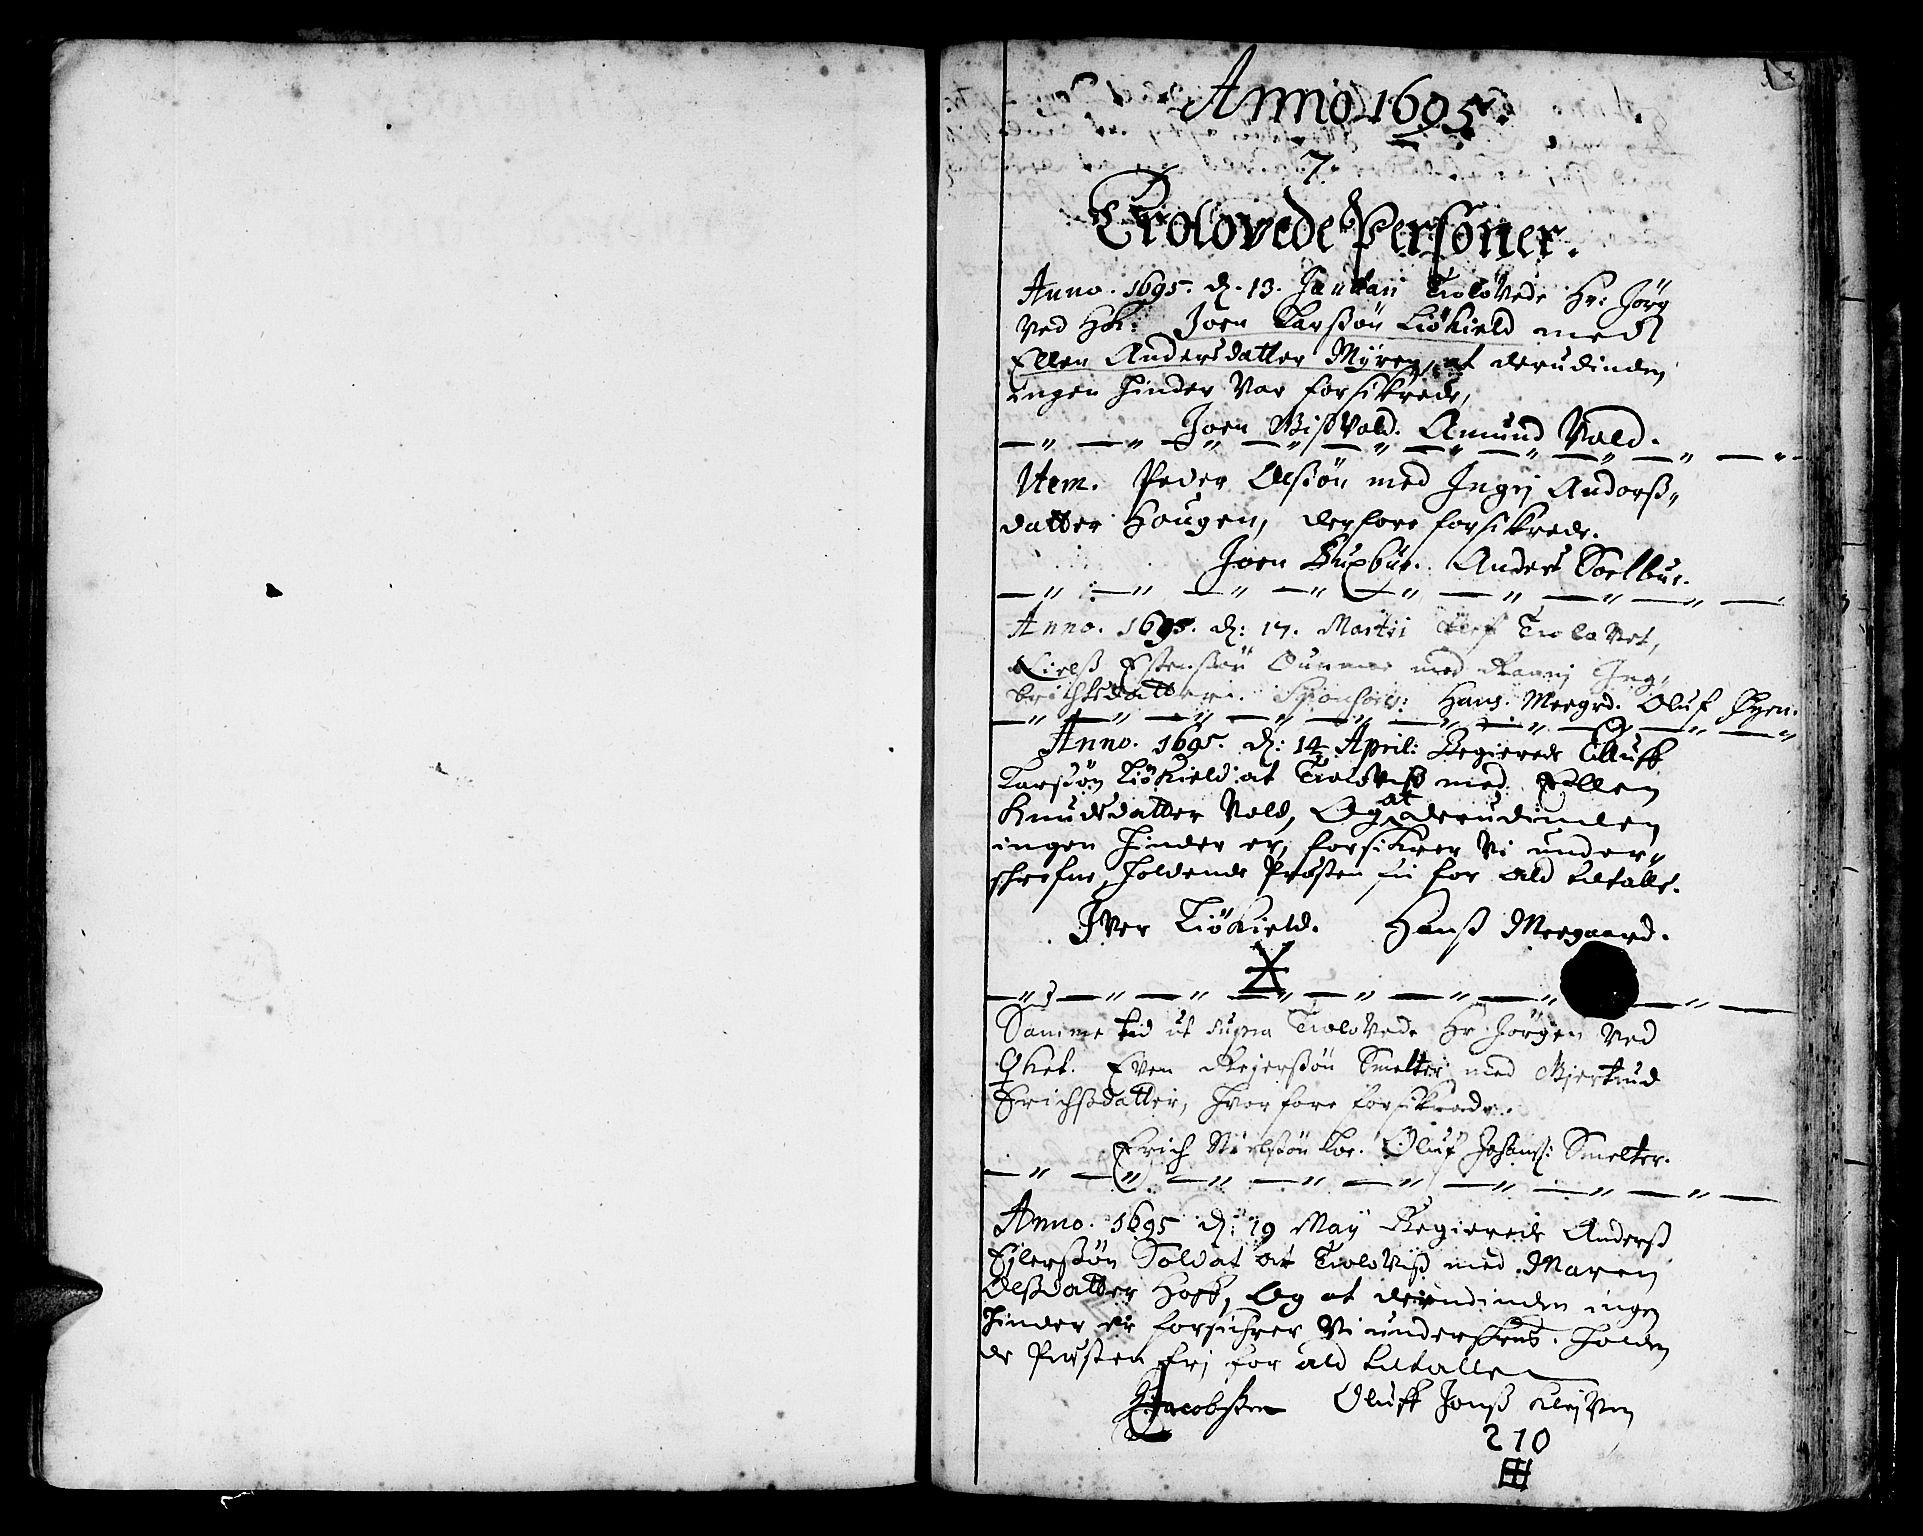 SAT, Ministerialprotokoller, klokkerbøker og fødselsregistre - Sør-Trøndelag, 668/L0801: Ministerialbok nr. 668A01, 1695-1716, s. 314-315